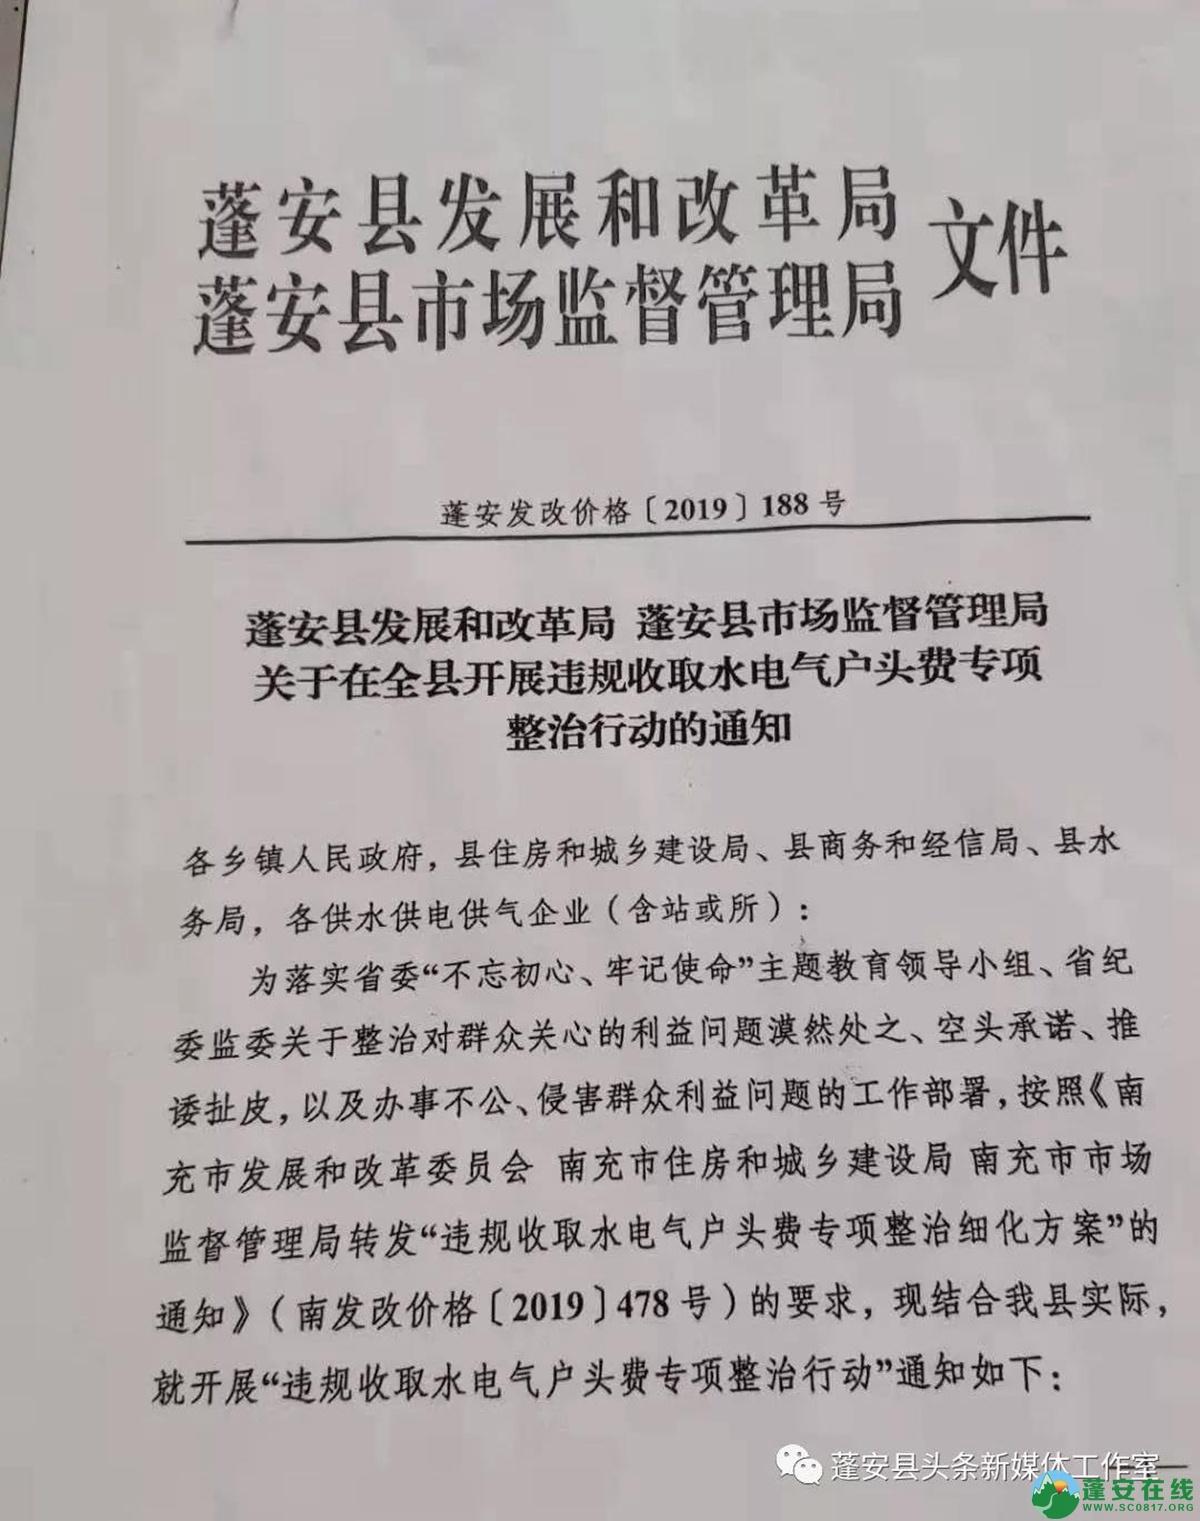 关于蓬安县开展违规收取水电气户头费专项整治行动的通知 - 第1张  | 蓬安在线